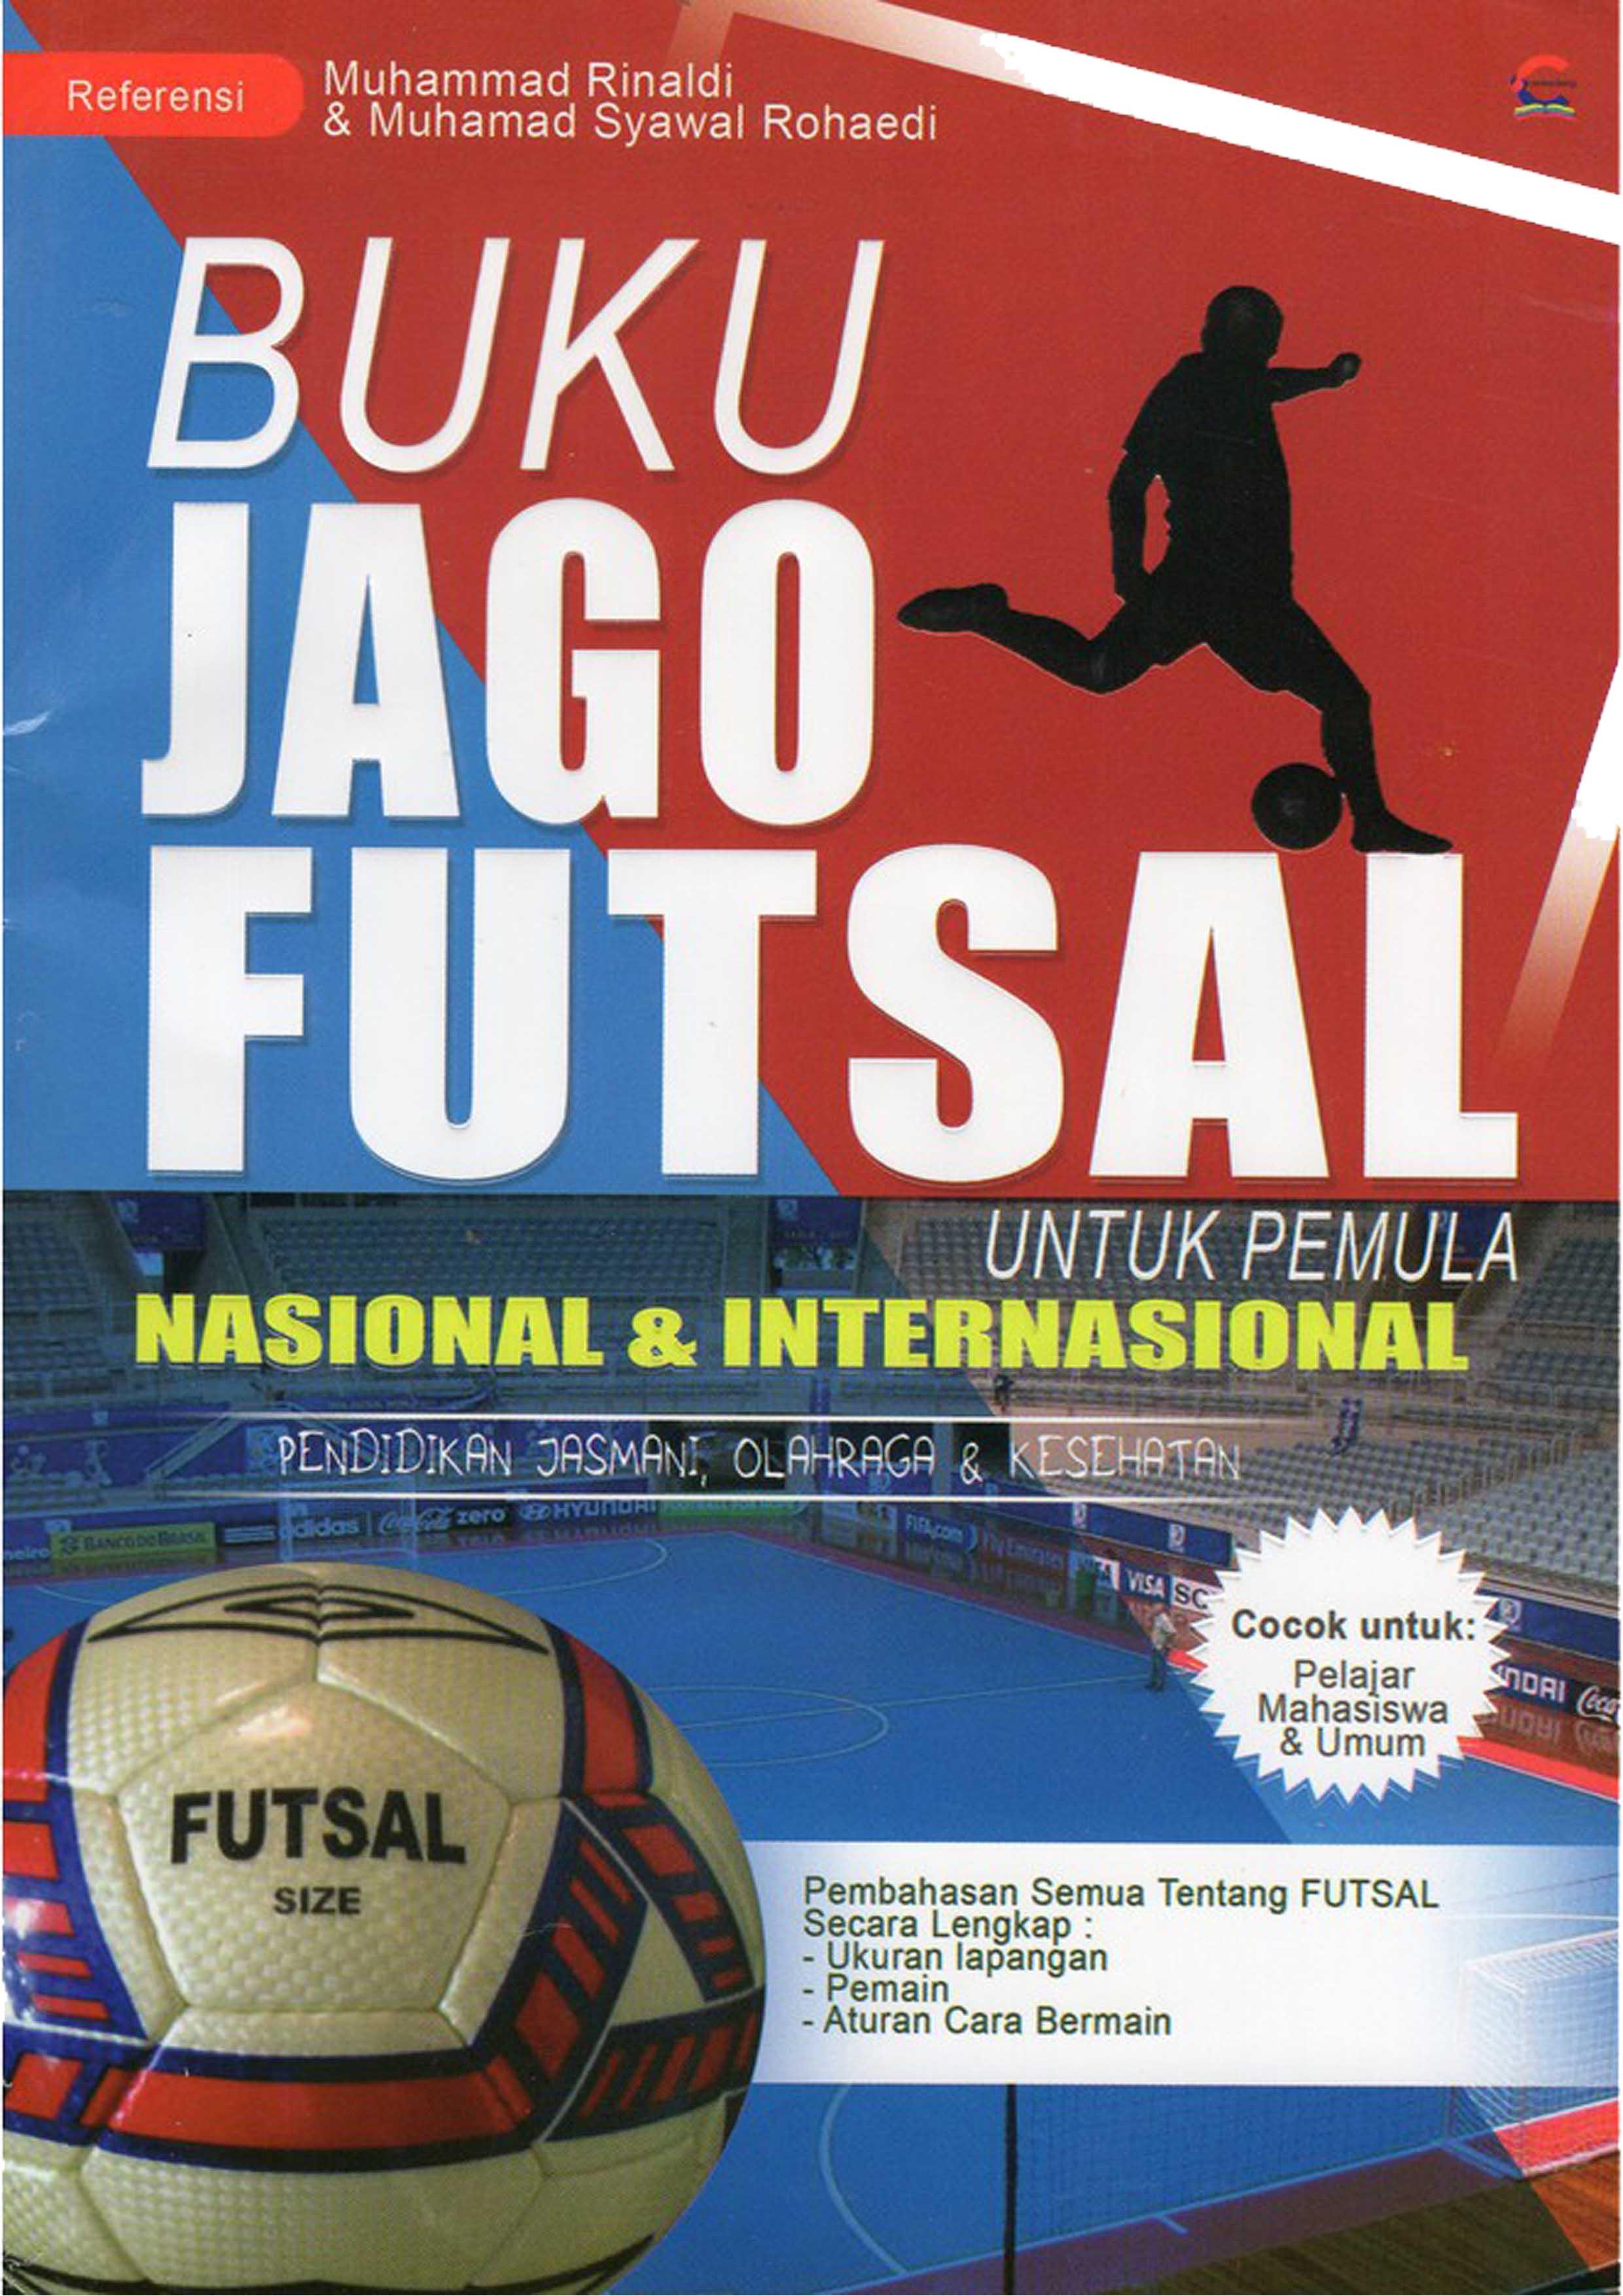 Buku Buku Jago Futsal Muhammad Rinaldi Mizanstore